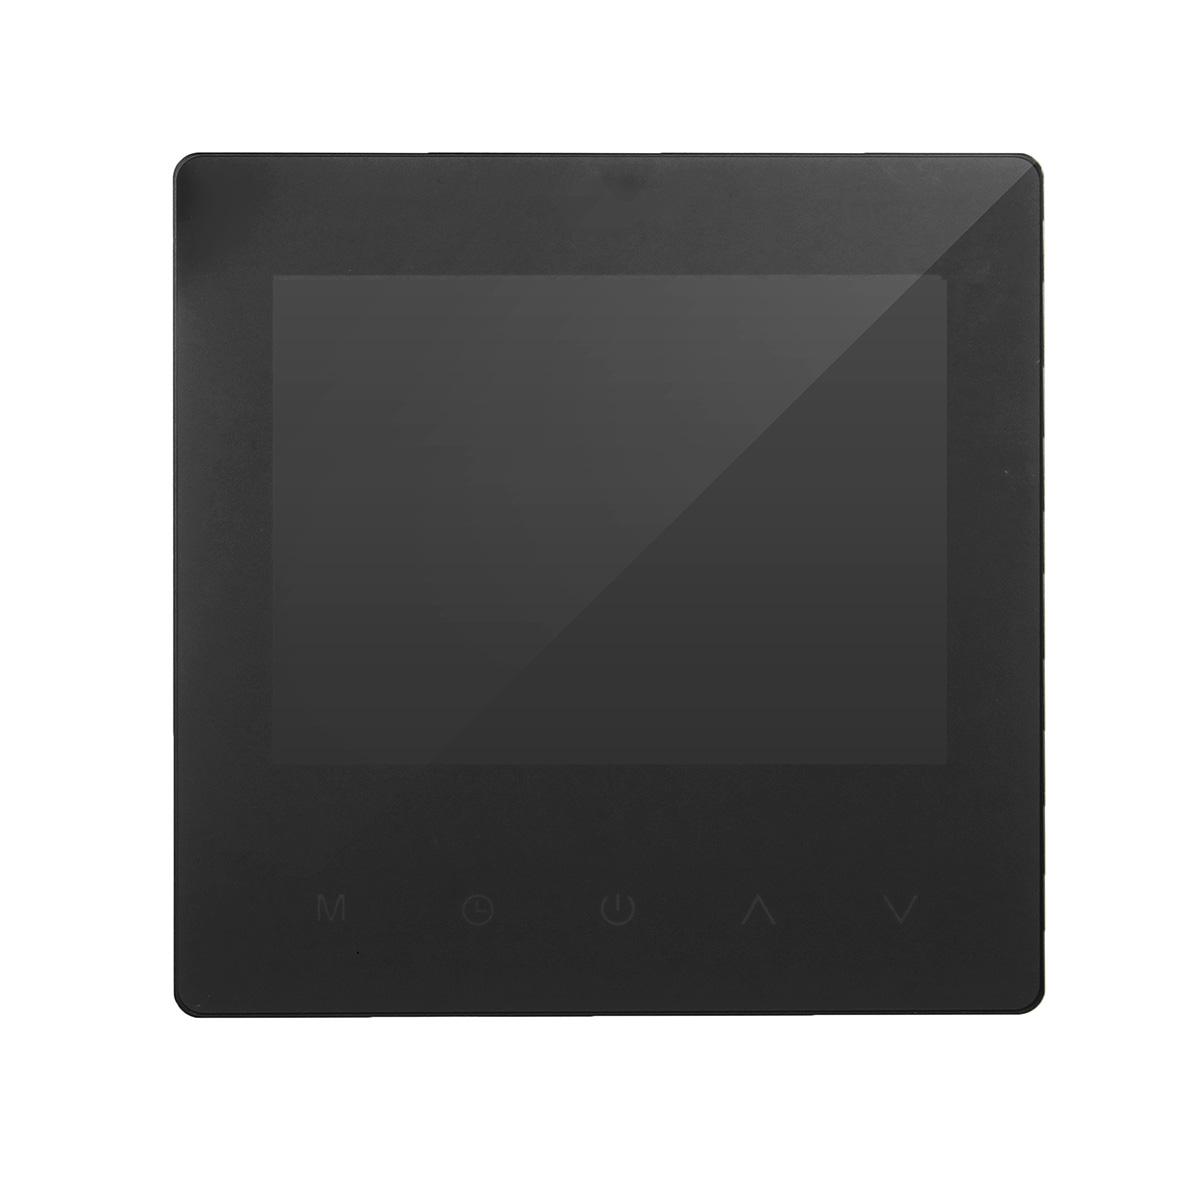 В 50/60 Гц Смарт-Цифровой Wi-Fi Регулятор Температуры Отопление Сенсорный Экран Термостат Комнатный Контроллер